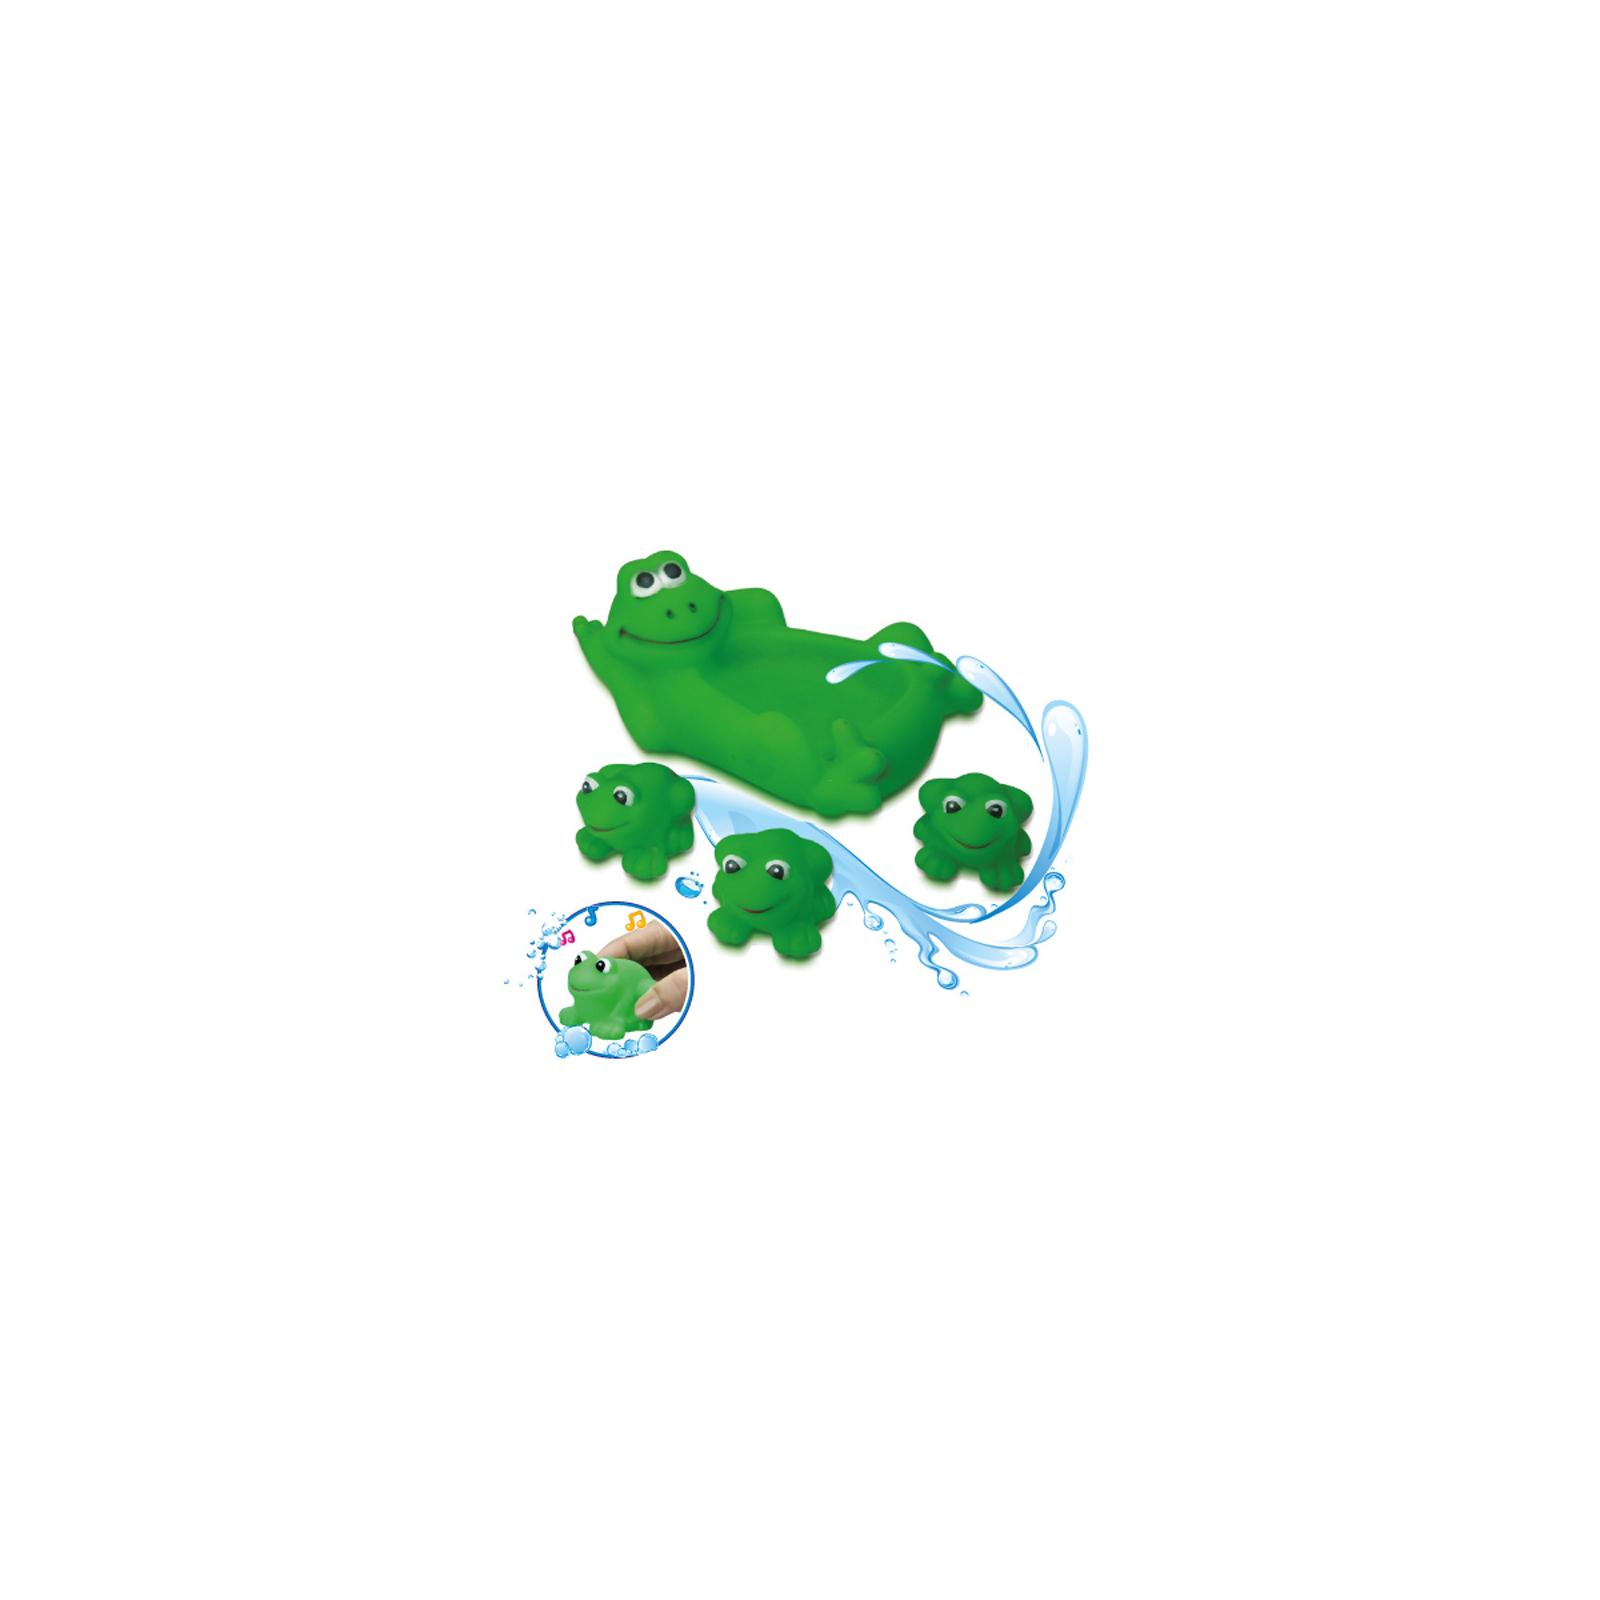 Игрушка для ванной BeBeLino Семья жабок (57091) изображение 2